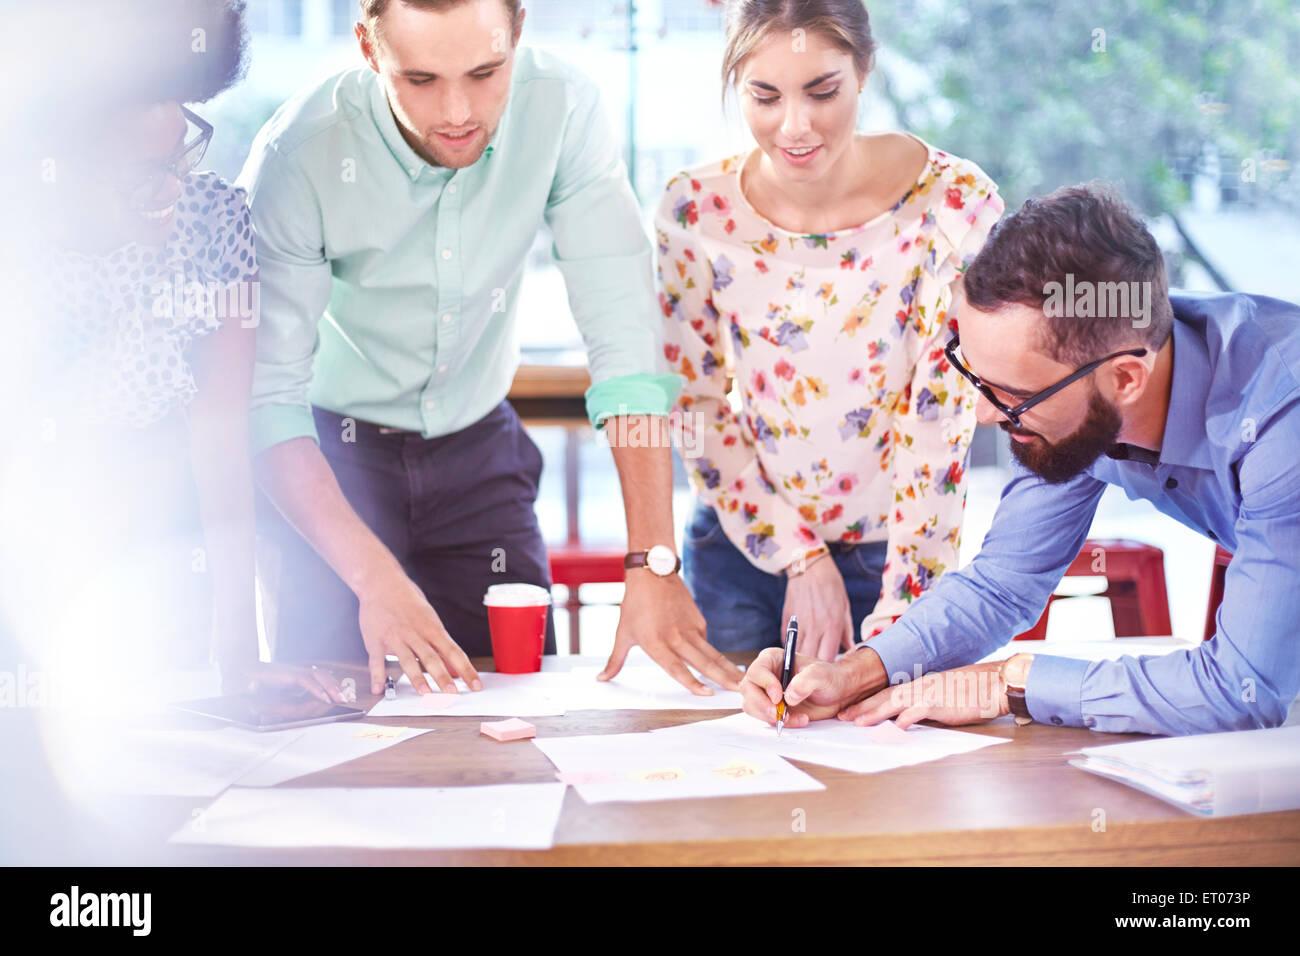 Les gens d'affaires en réunion de brainstorming Photo Stock